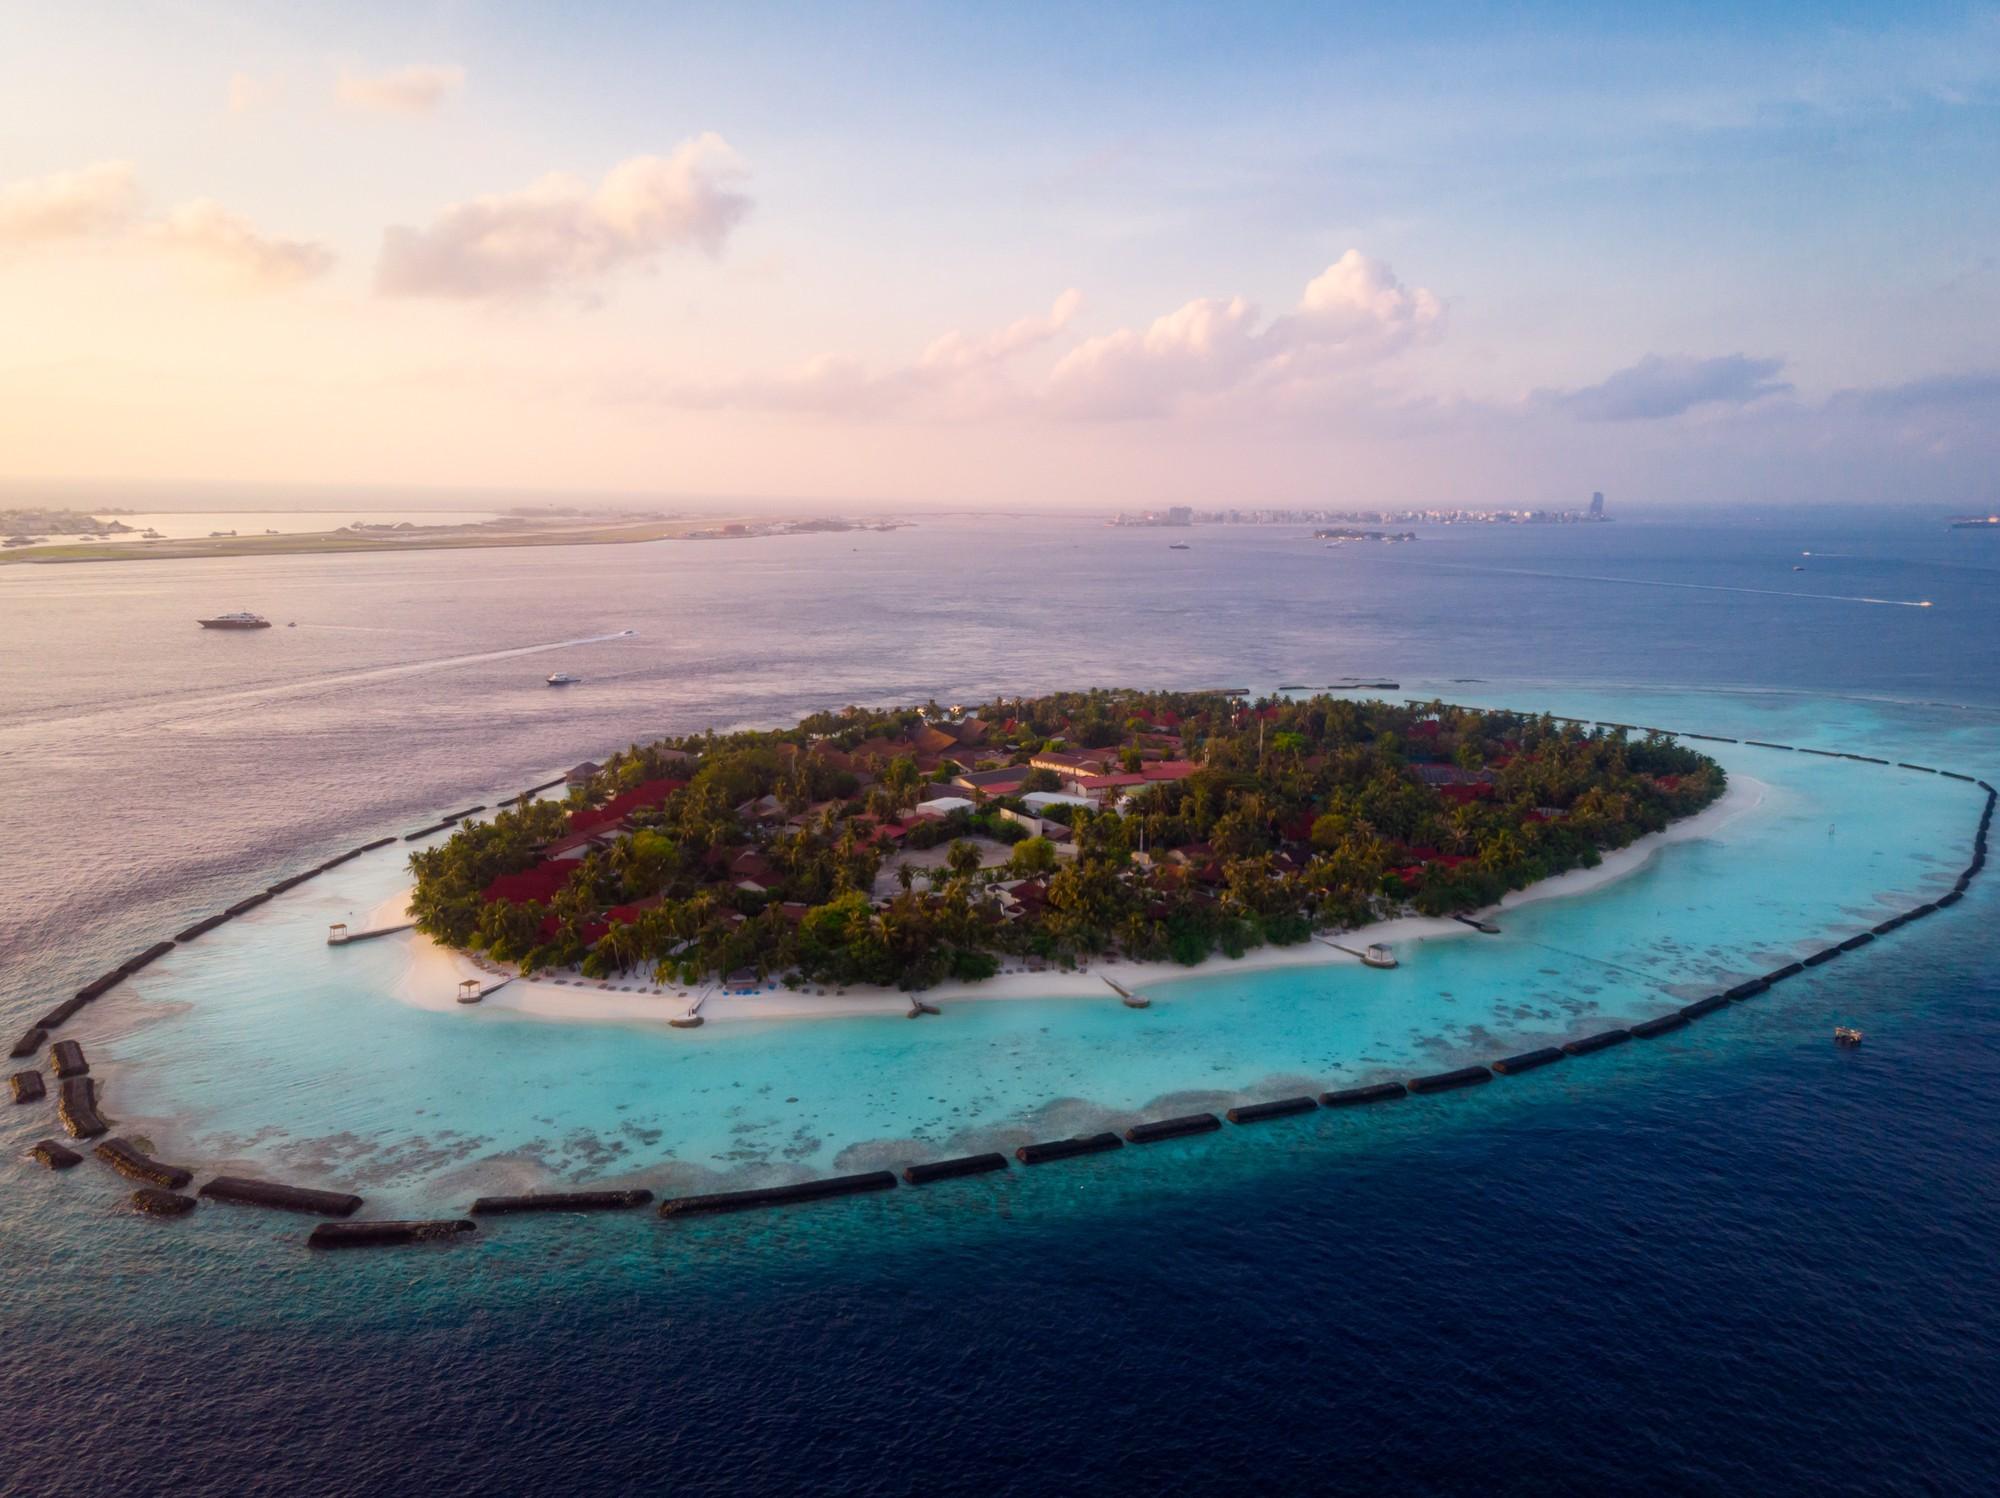 Bộ ảnh thiên đường hạ giới Maldives vừa được cô gái Việt Nam check in trông cũng rất gì và này nọ - Ảnh 4.